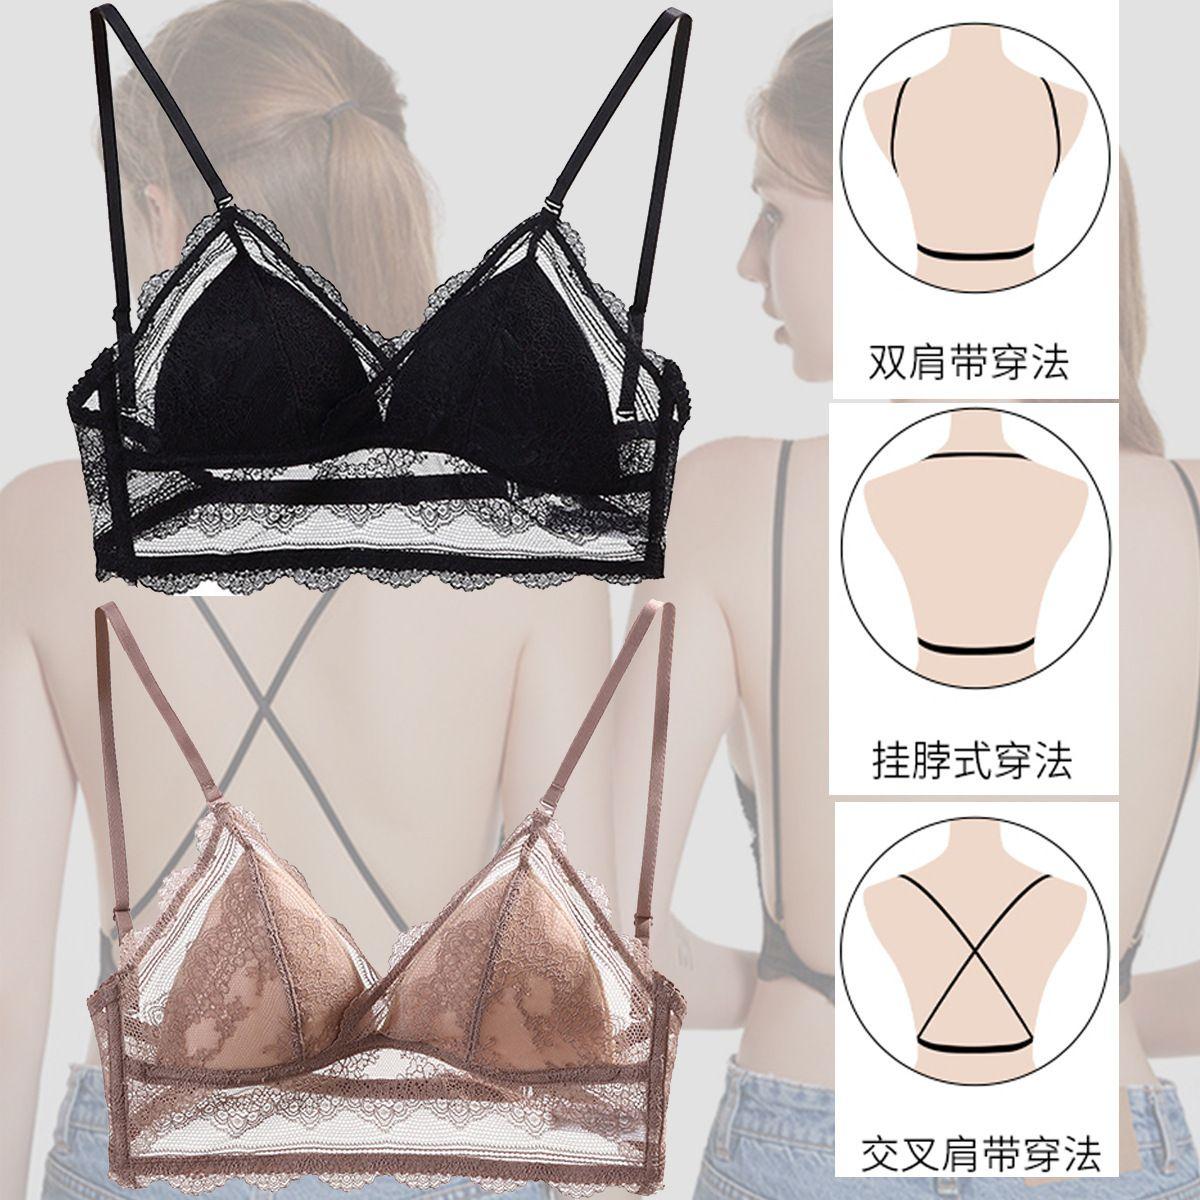 Lencería Sexy Femenino Ultra Thin Rimless Cofre Con Pequeño Sujetador De Copa Triangle Triangle